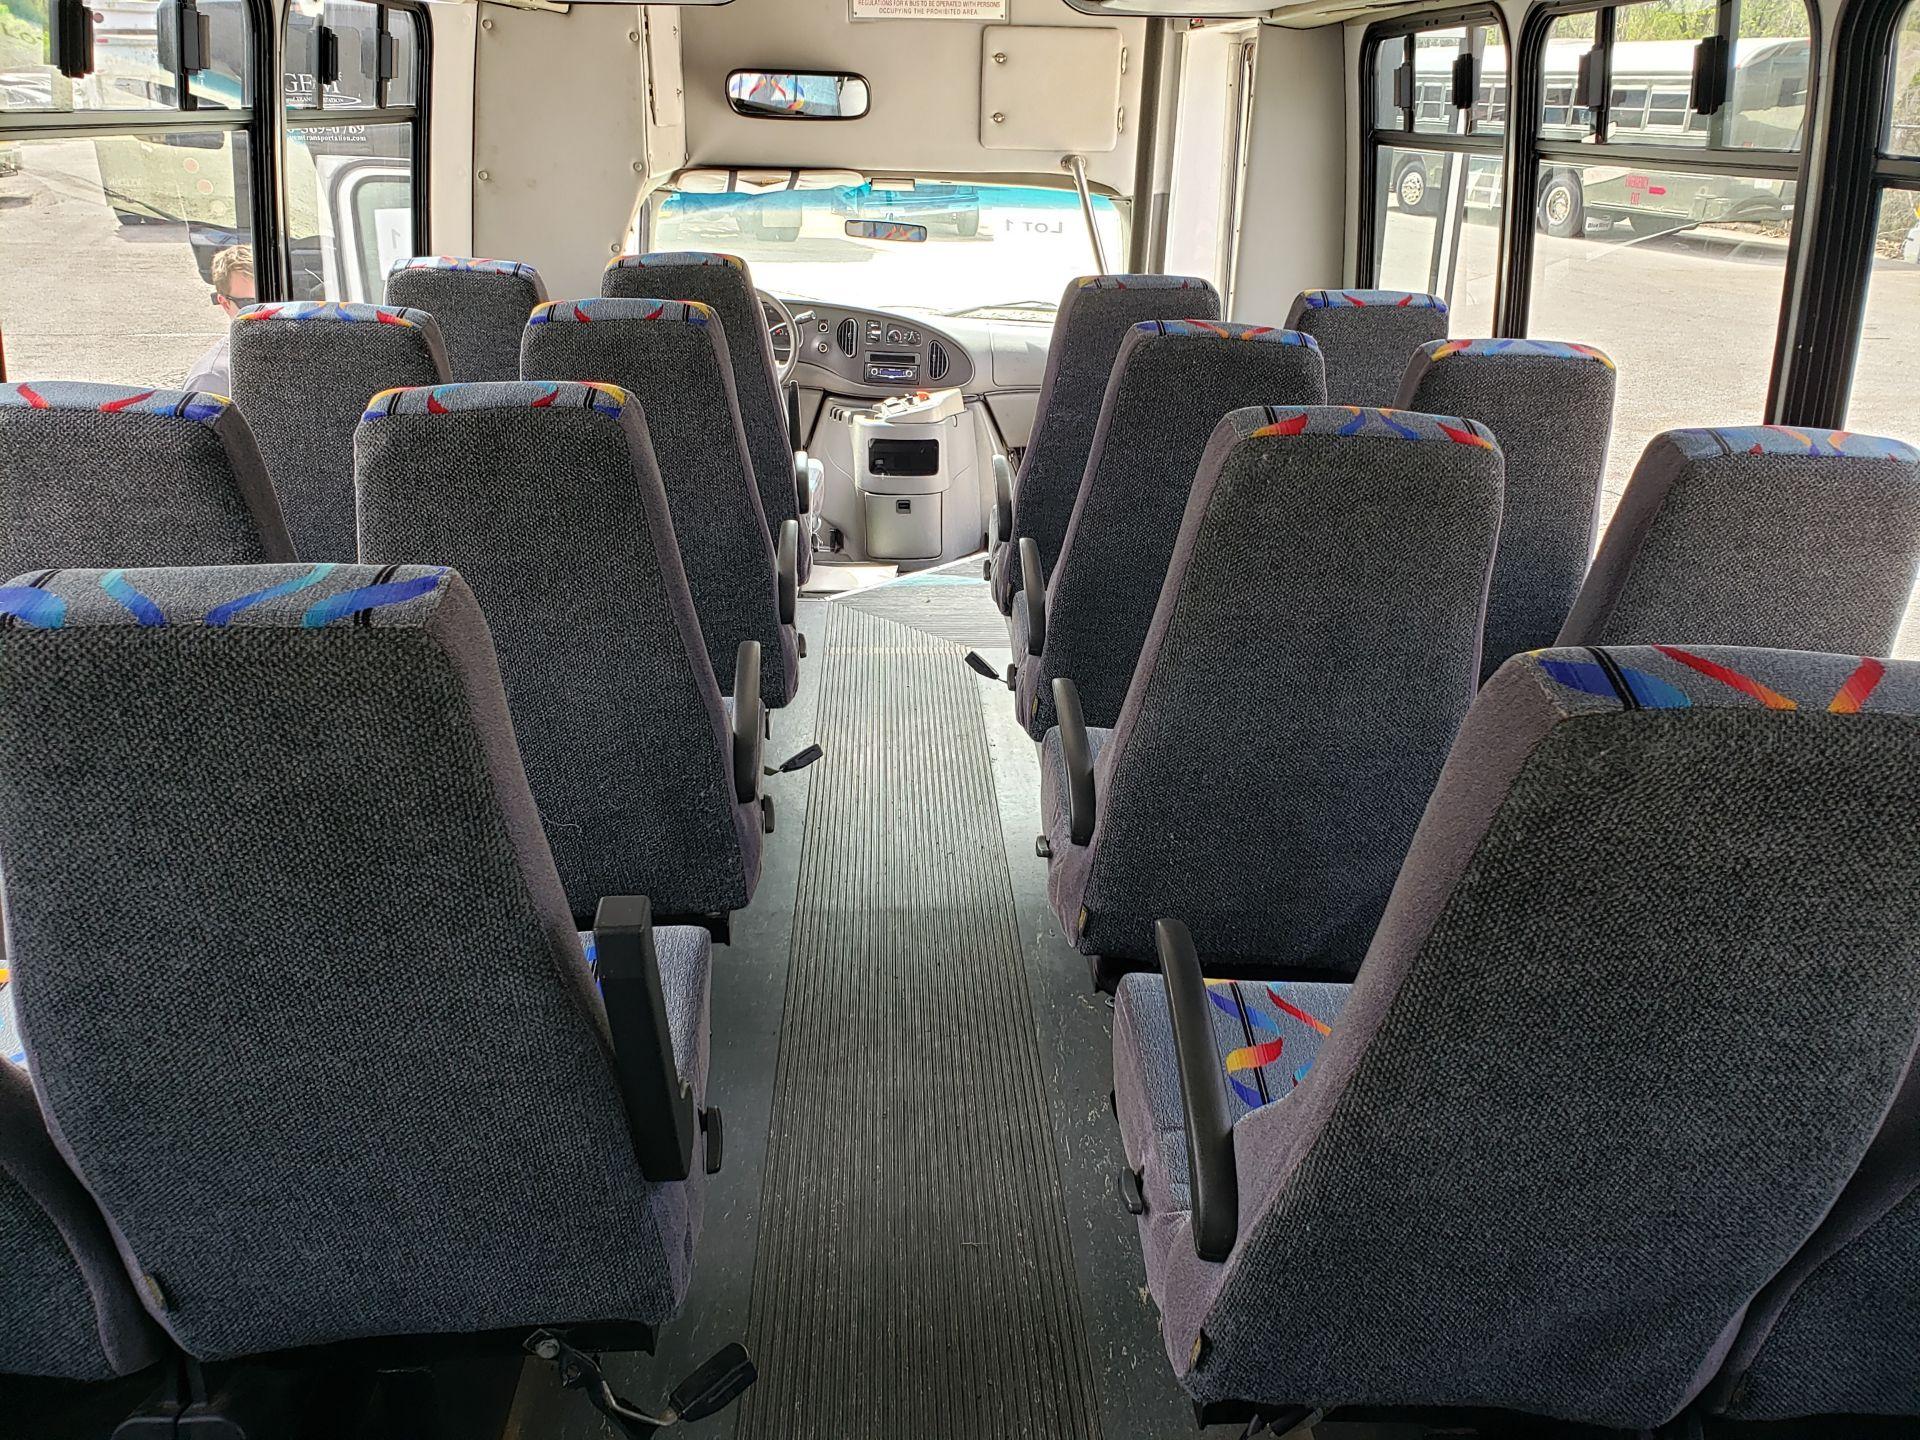 2005 Ford E450SD 25-Pass Goshen Shuttle Bus - Image 9 of 13